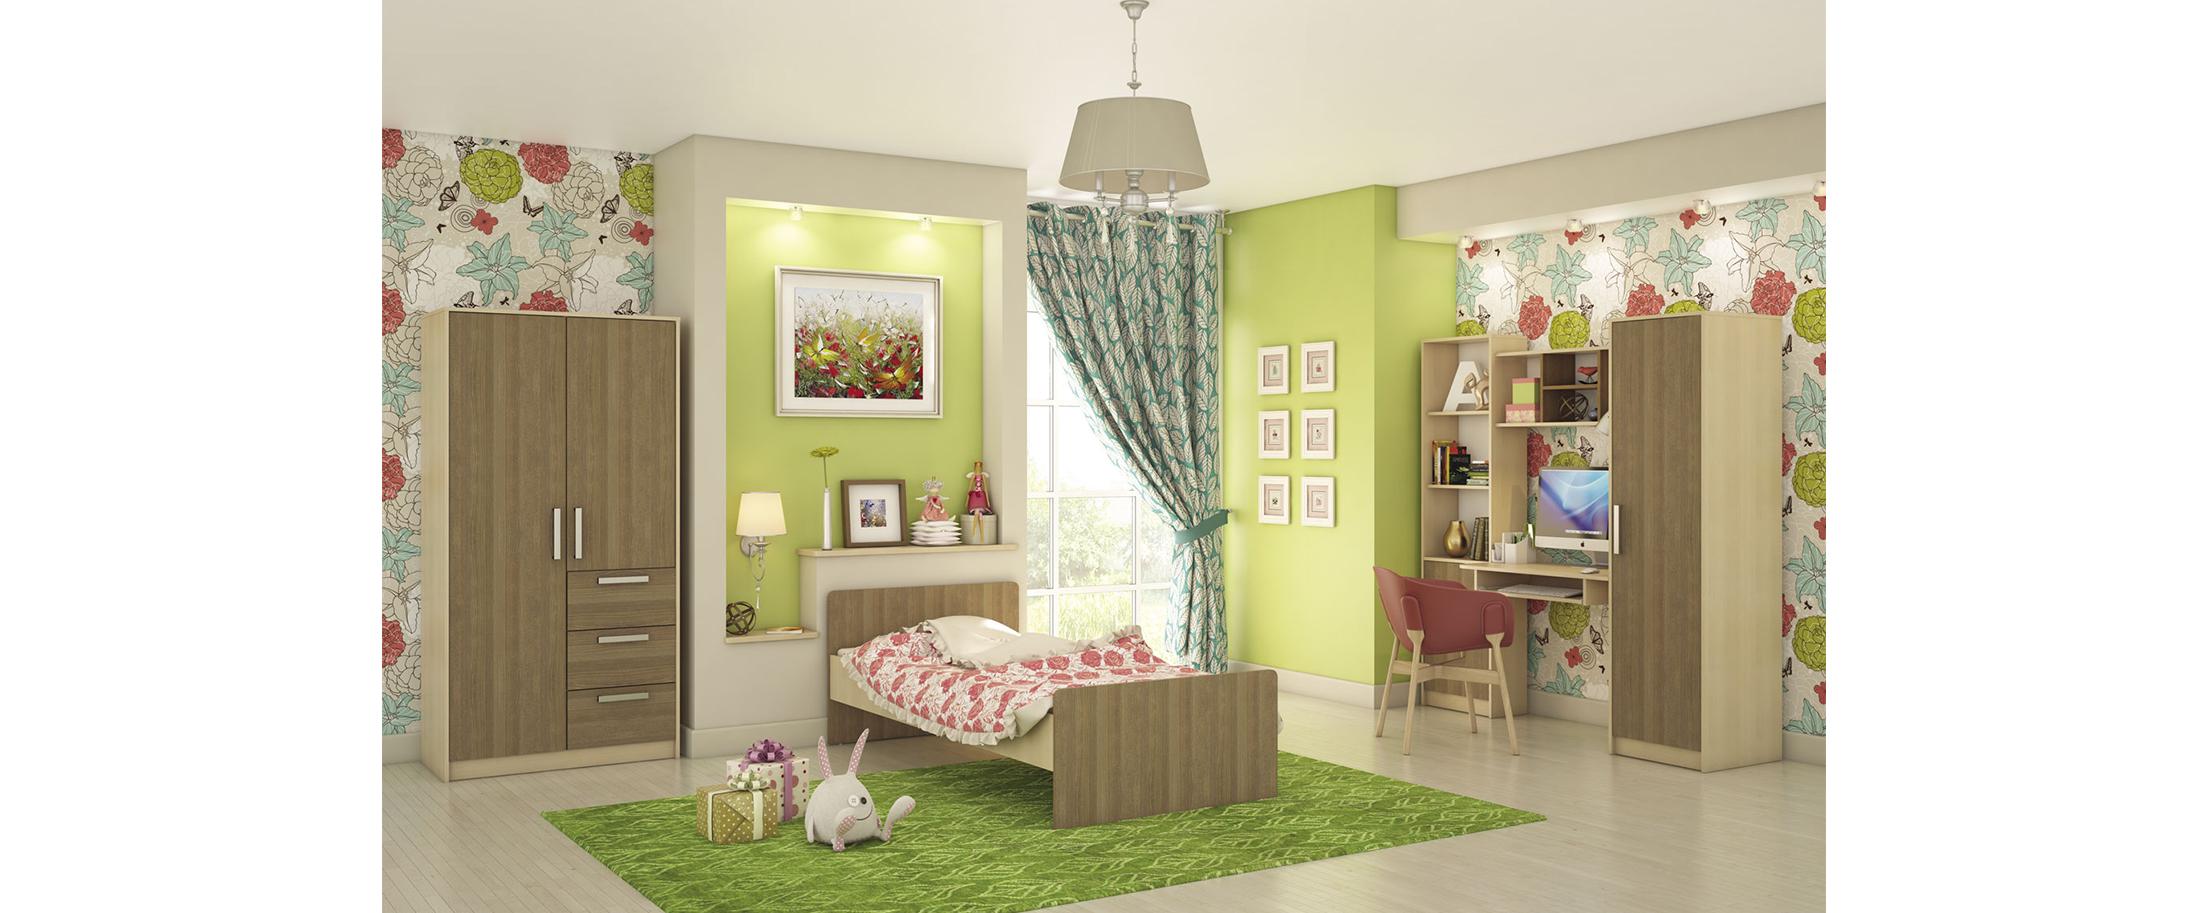 Детская цвета дуб кремона Мика 3 Модель 349Купить набор уютной и комфортной детской мебели в интернет магазине MOON TRADE. Спальное место 90х190 см. Быстрая доставка, вынос упаковки, гарантия! Выгодная покупка!<br><br>Ширина см: 95<br>Глубина см: 194<br>Высота см: 67<br>Ширина спального места см: 90<br>Глубина спального места см: 190<br>Цвет: Дуб кремона